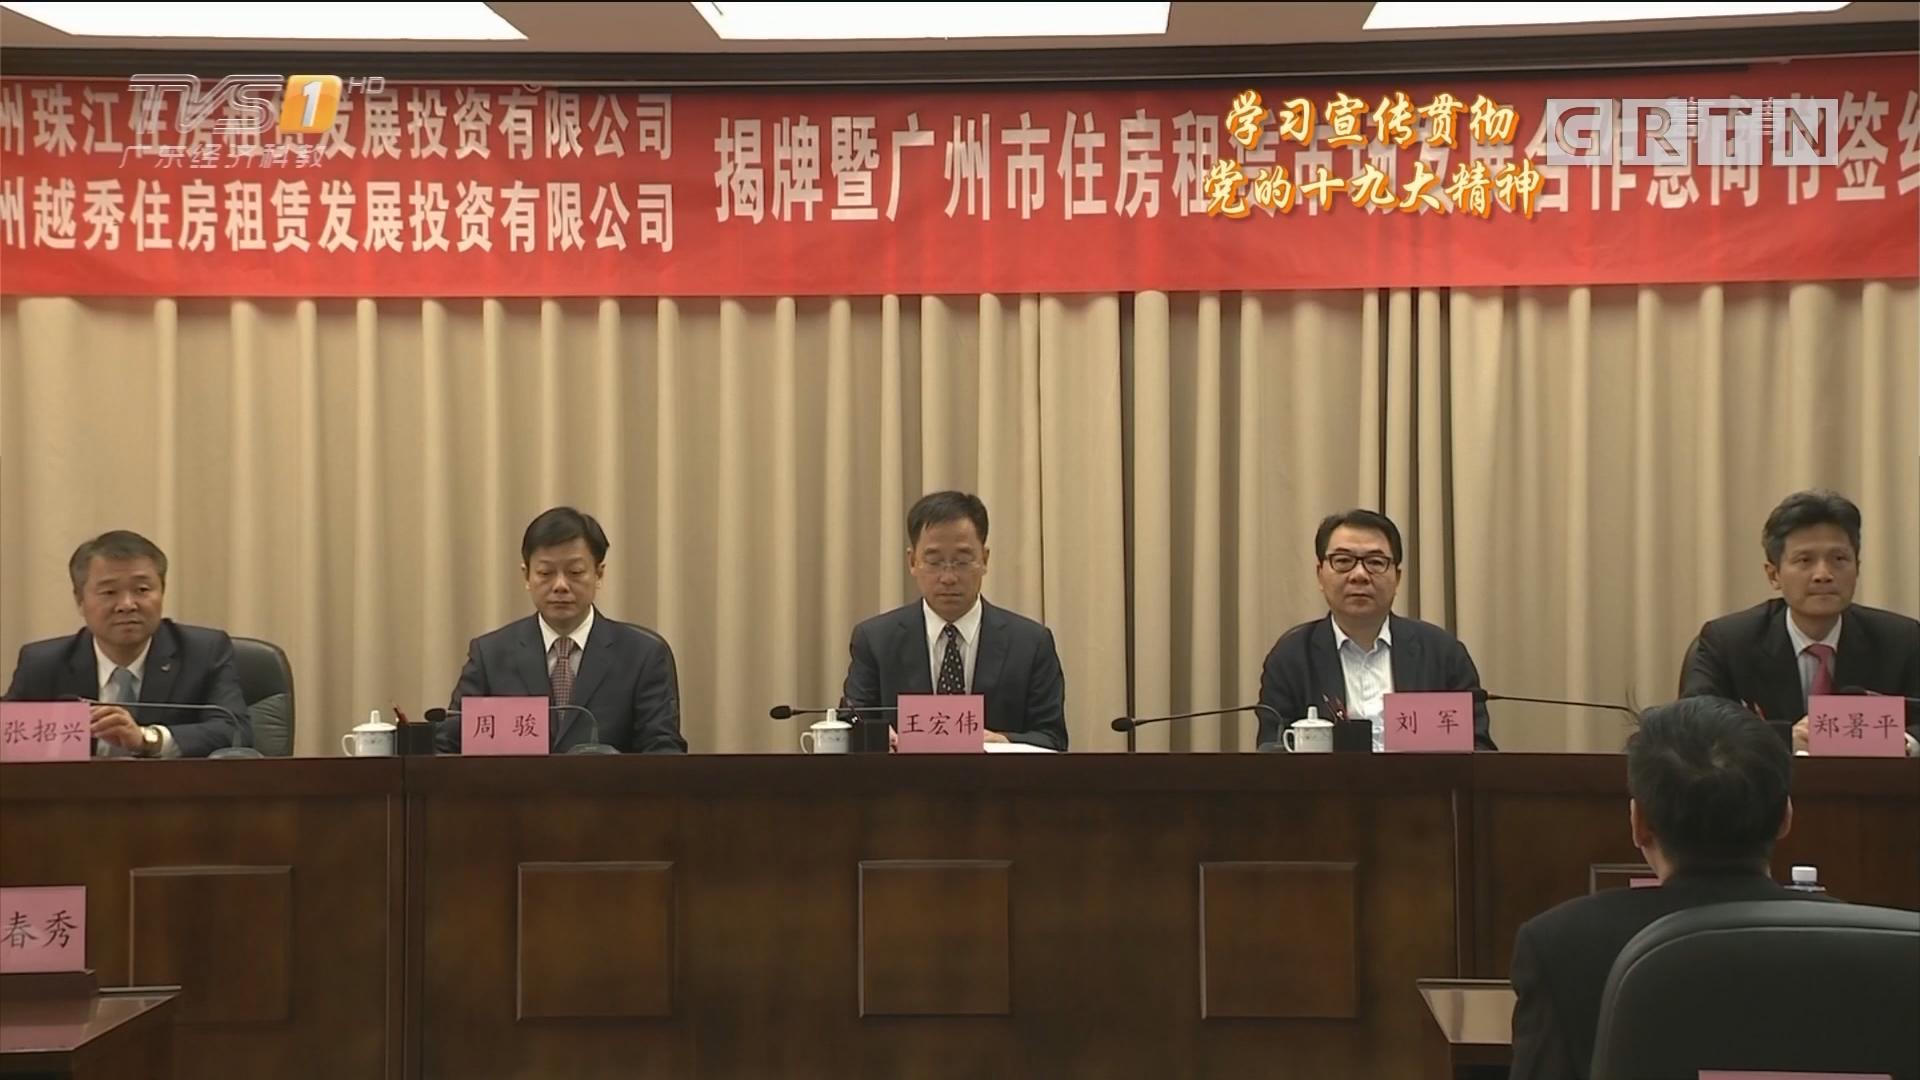 学习宣传贯彻党的十九大精神 广州首批国有租赁住房企业成立